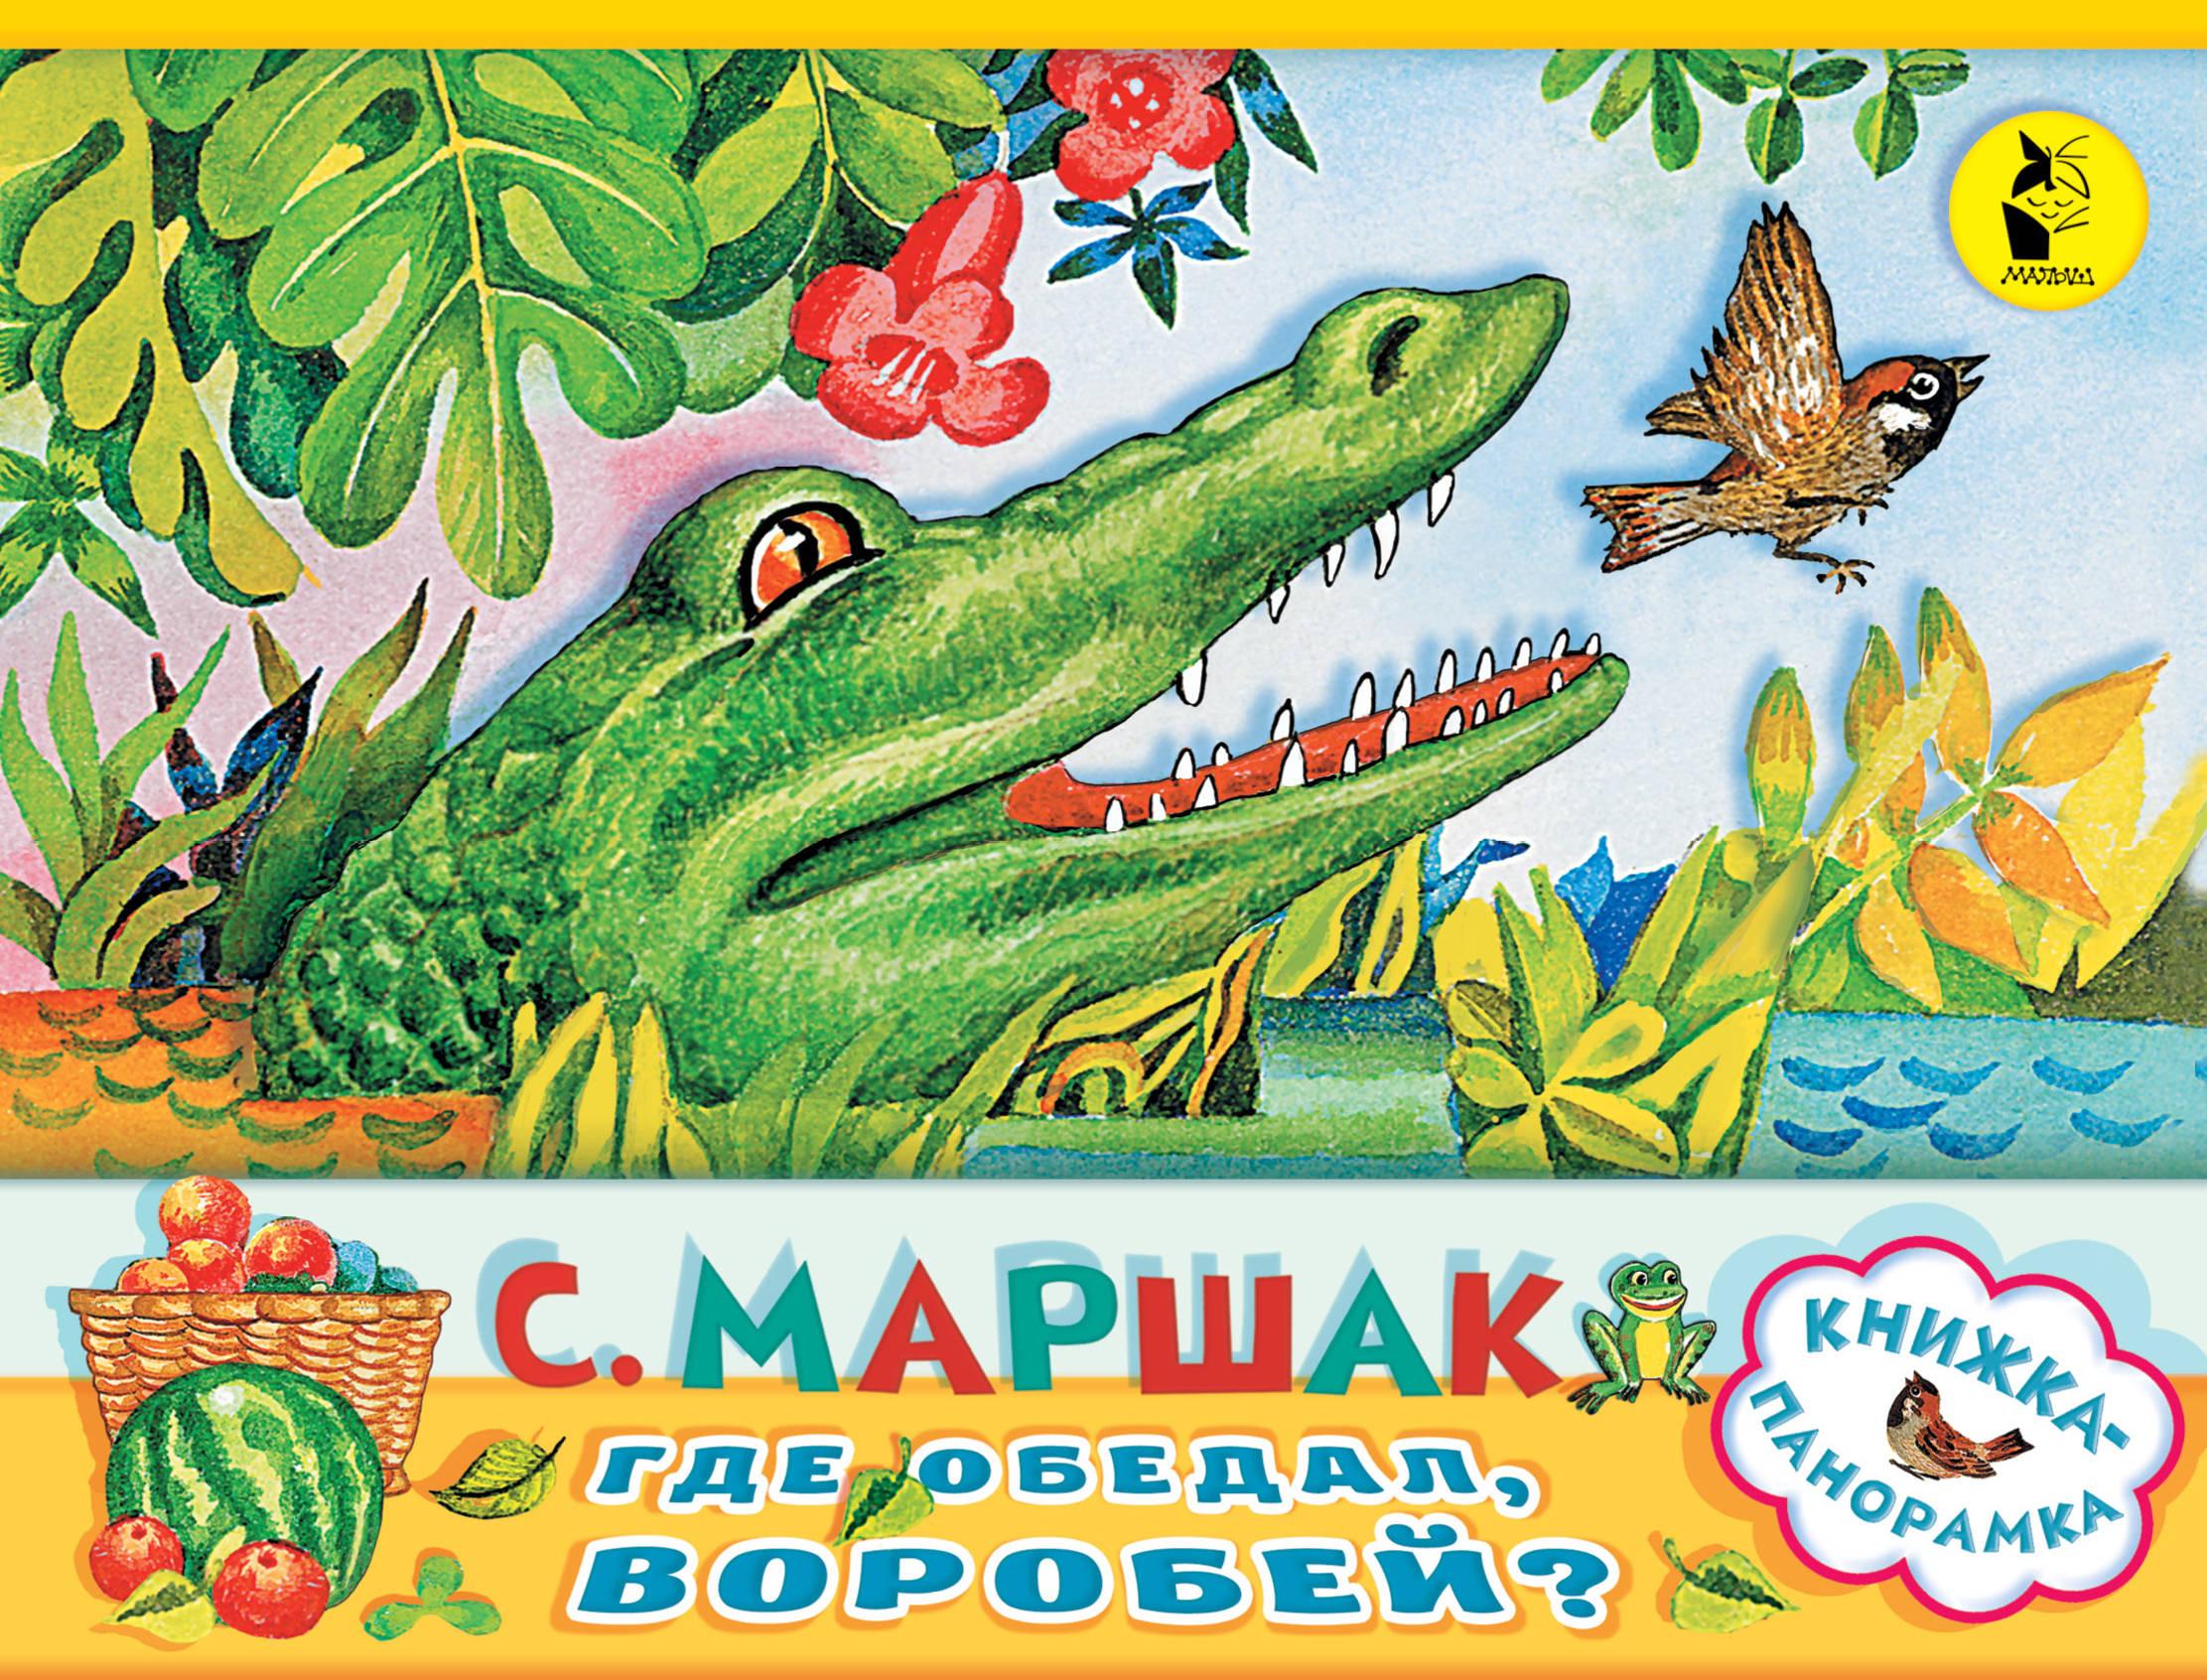 Самуил Маршак Где обедал, воробей? 100 любимых стихов для малышей